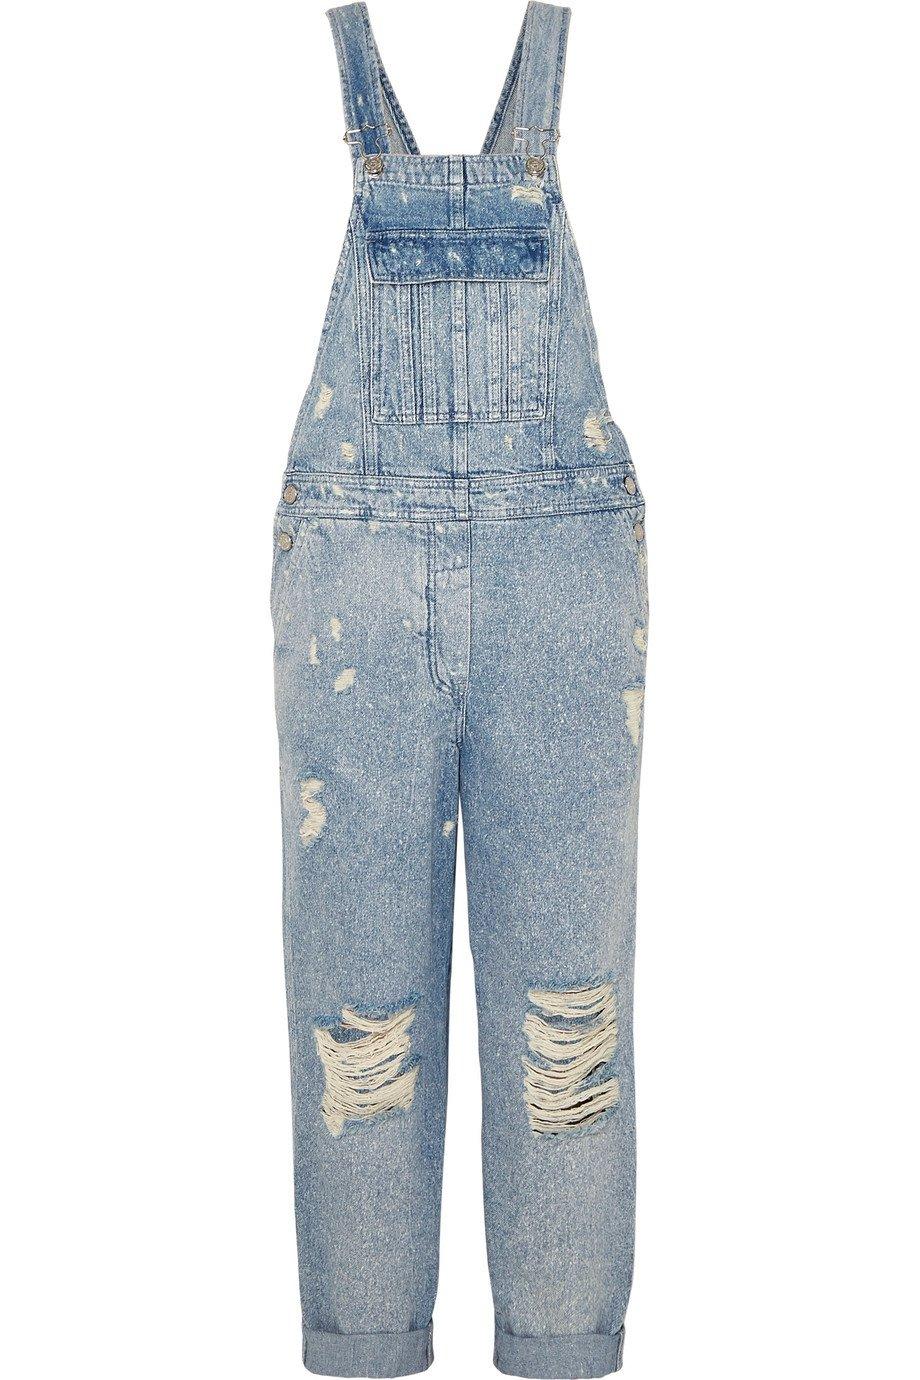 Balmain | Distressed denim overalls | NET-A-PORTER.COM